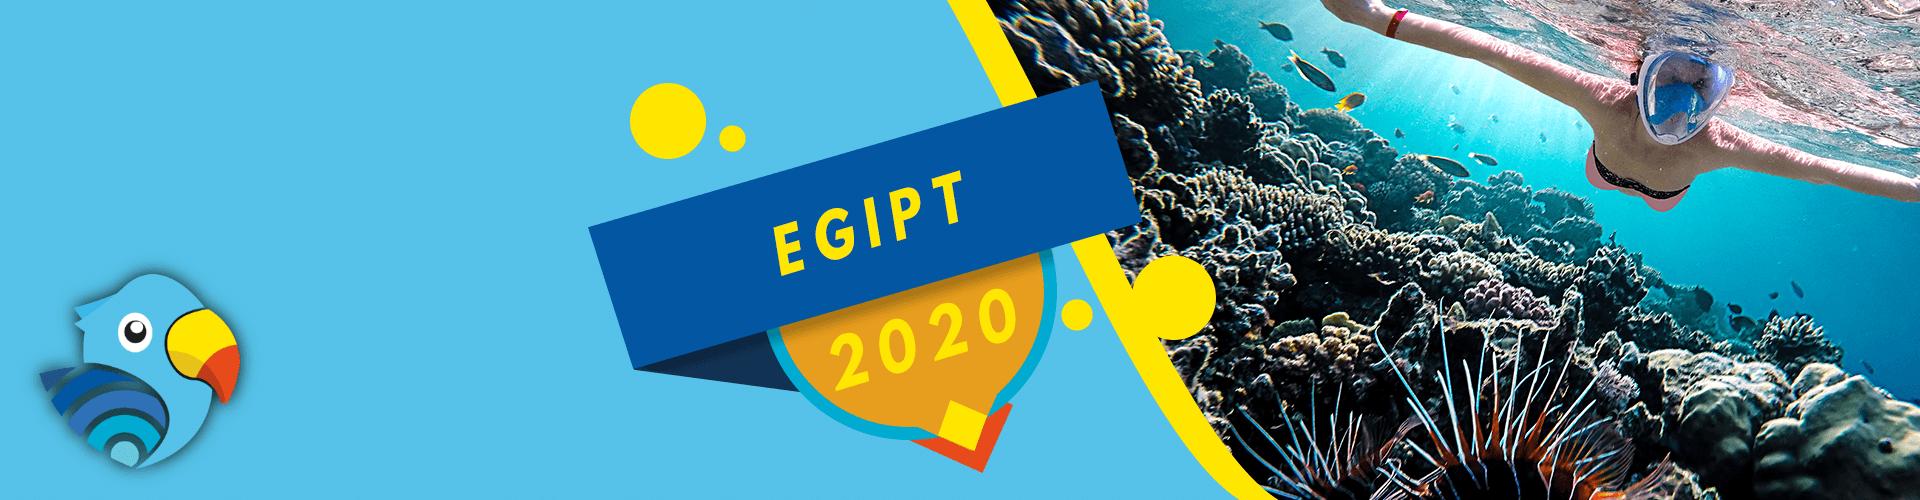 Egipt Slider